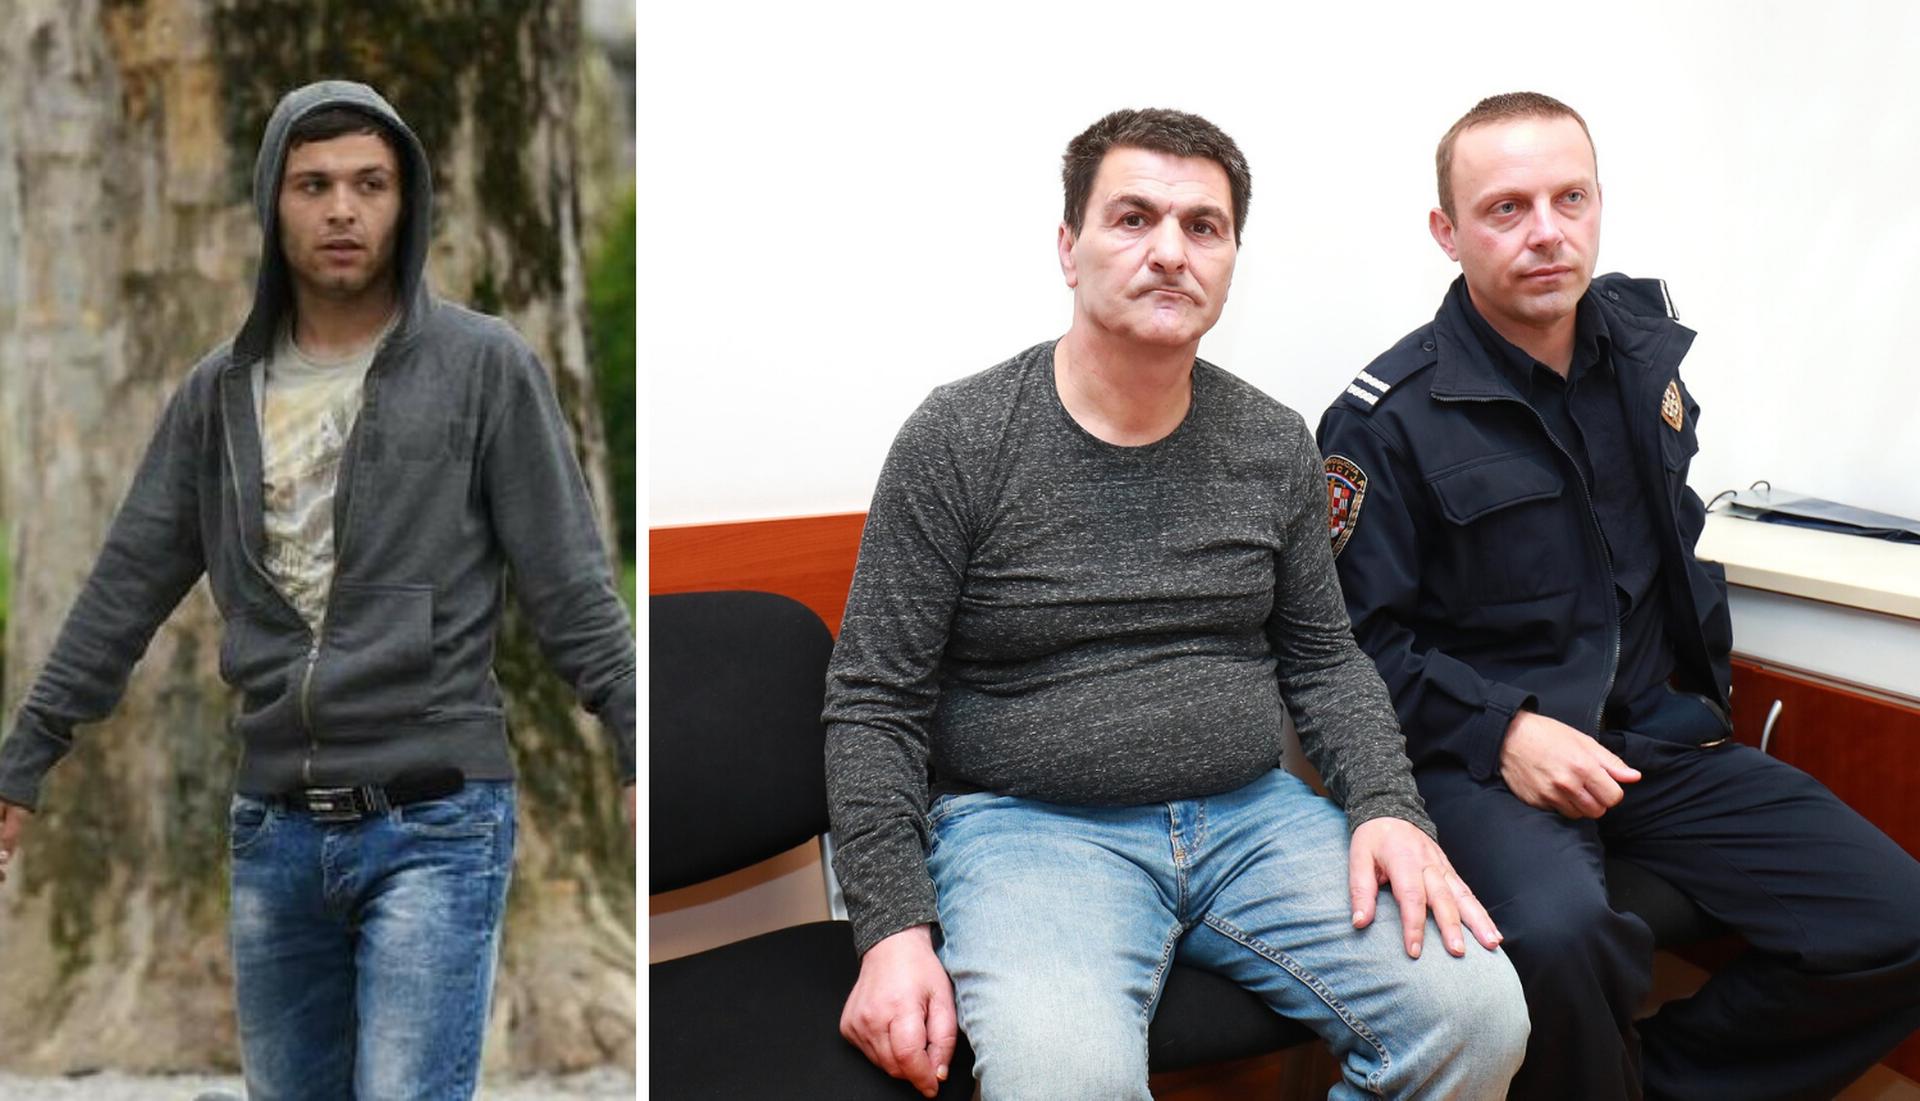 Paliću 5 godina zatvora jer je upucao sina i teško ga ozlijedio